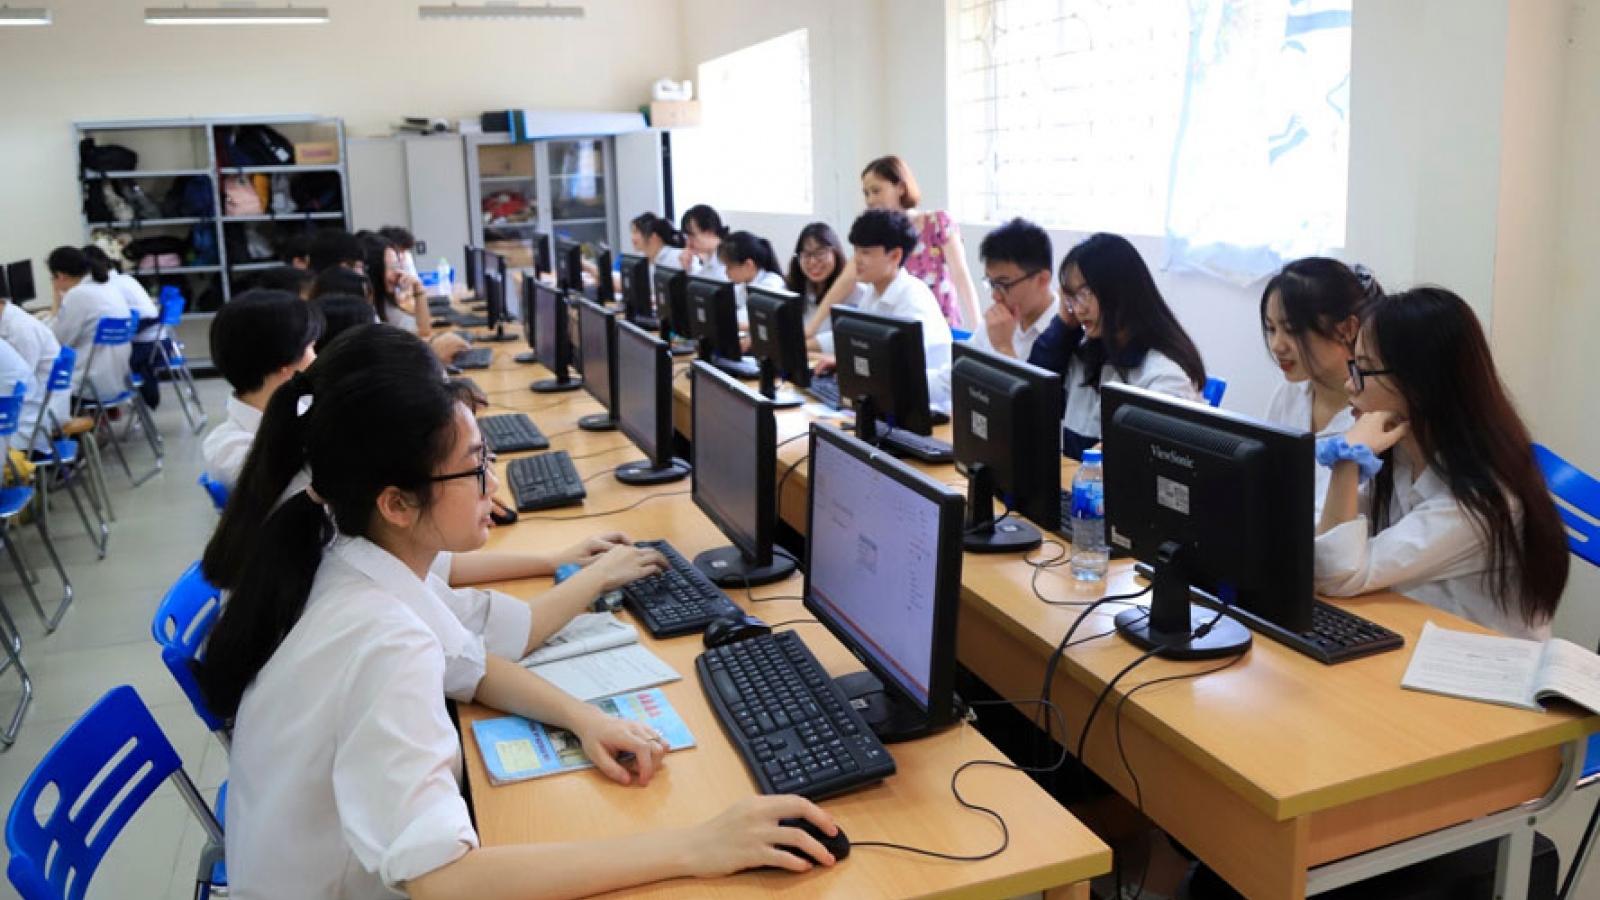 Chuyển đổi số ngành giáo dục, nhiệm vụ cấp bách nhưng còn khó khăn